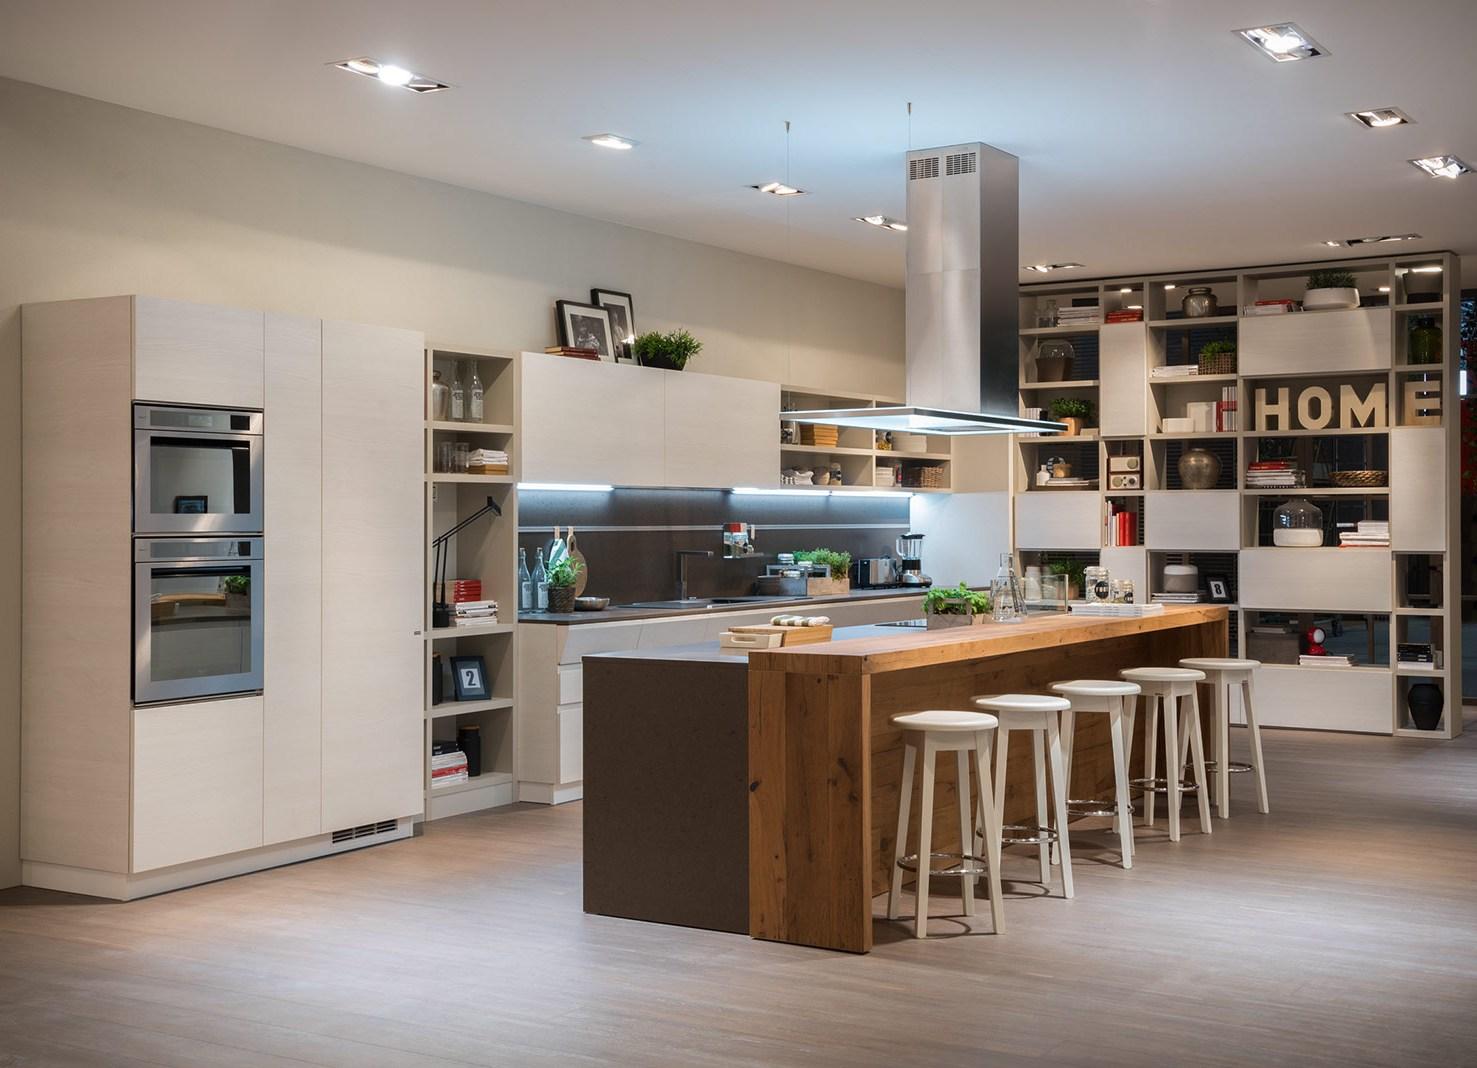 Ispirazioni di cucine soggiorni e altri ambienti interni - Disegni di cucine ...